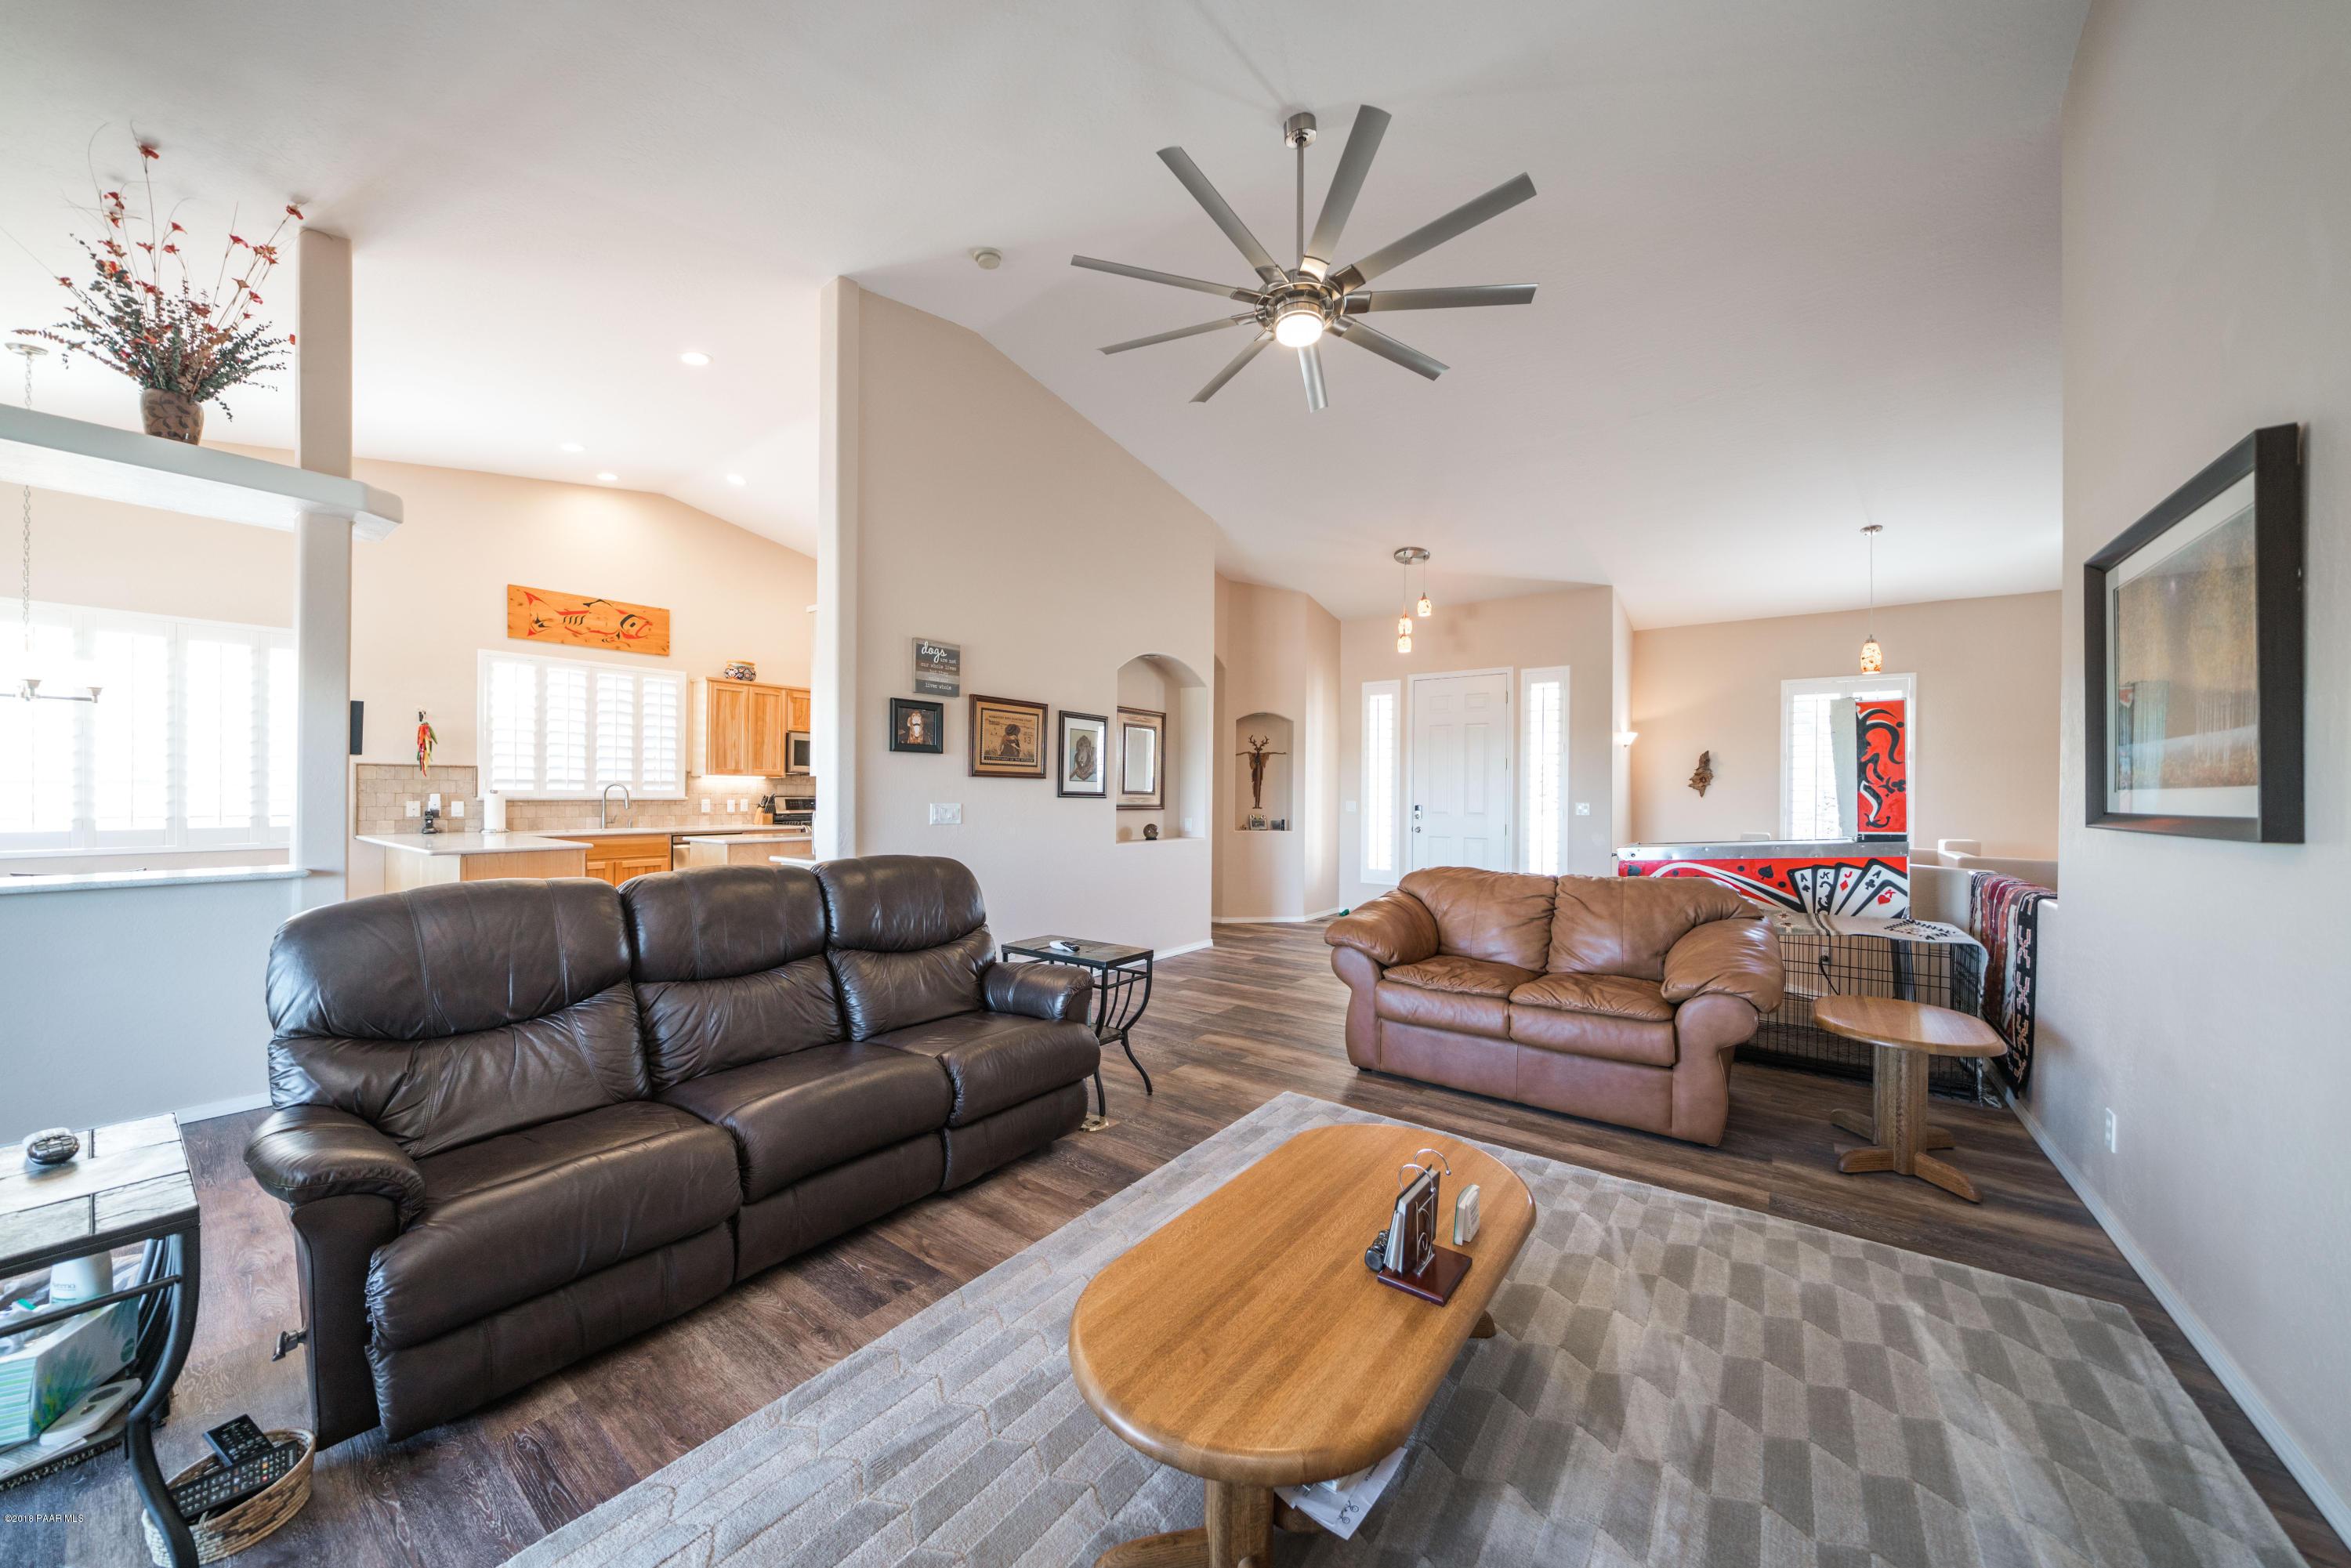 456 Candlewood Lane Prescott, AZ 86301 - MLS #: 1015441